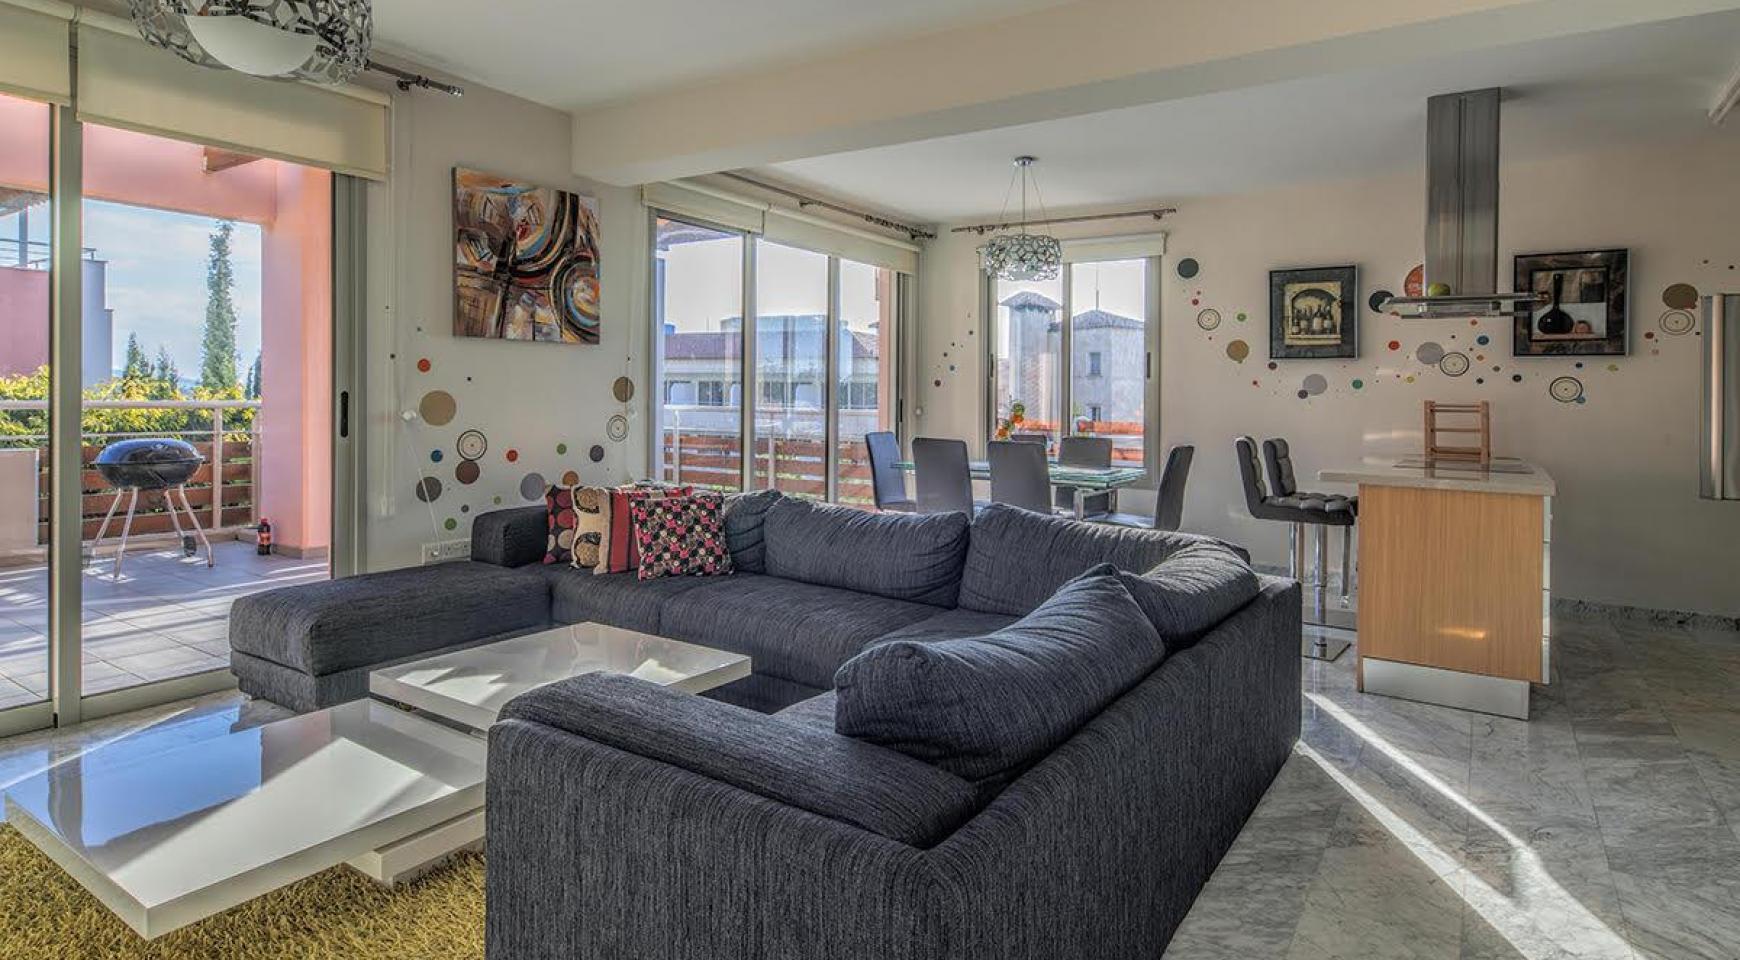 2 Bedroom Duplex Apartment in a Prestigious Complex near the Sea - 2